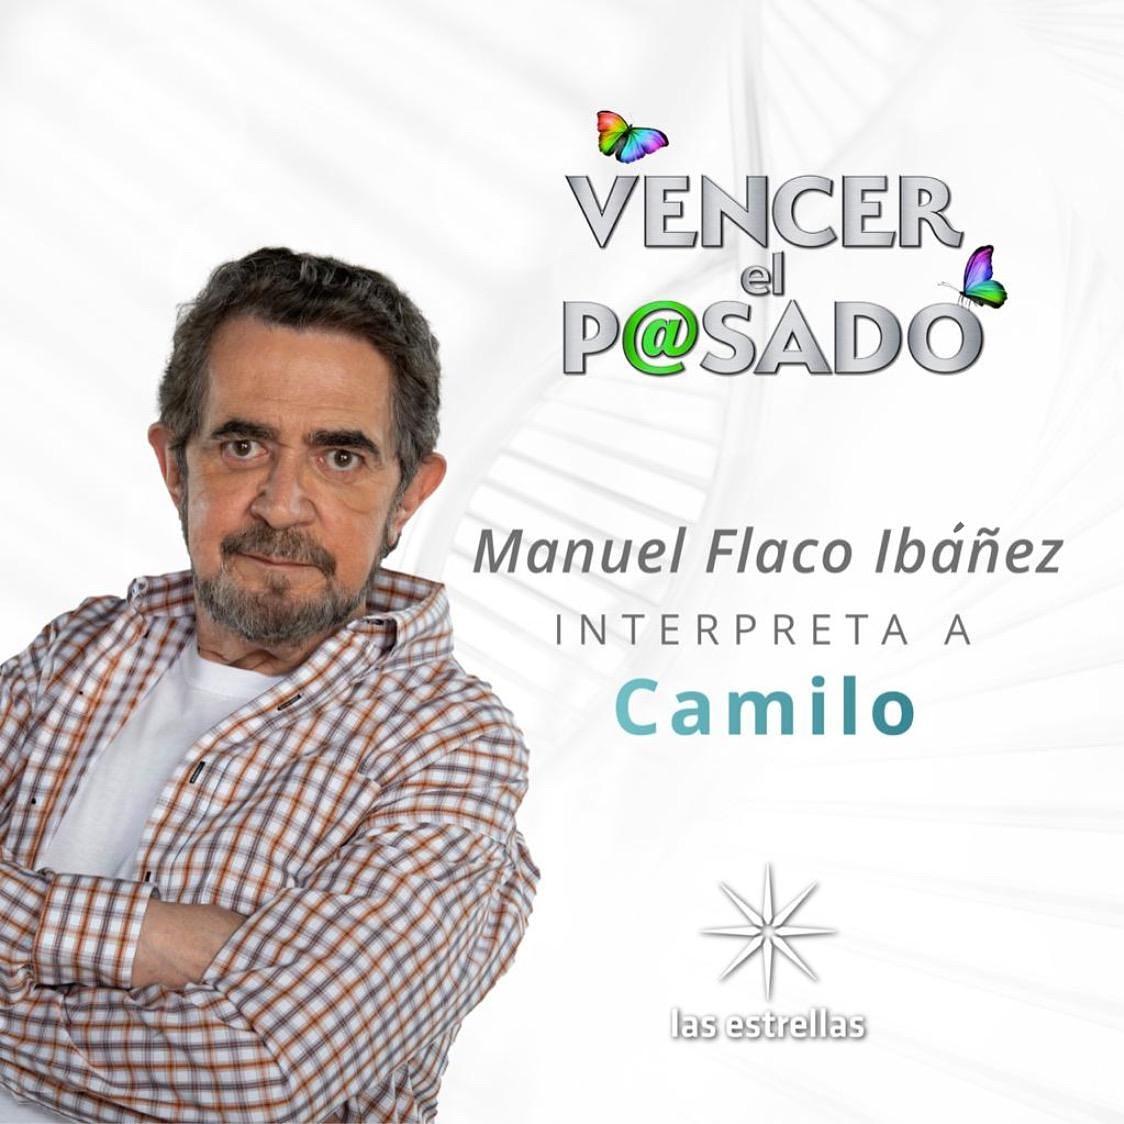 Manuel Flaco Ibáñez